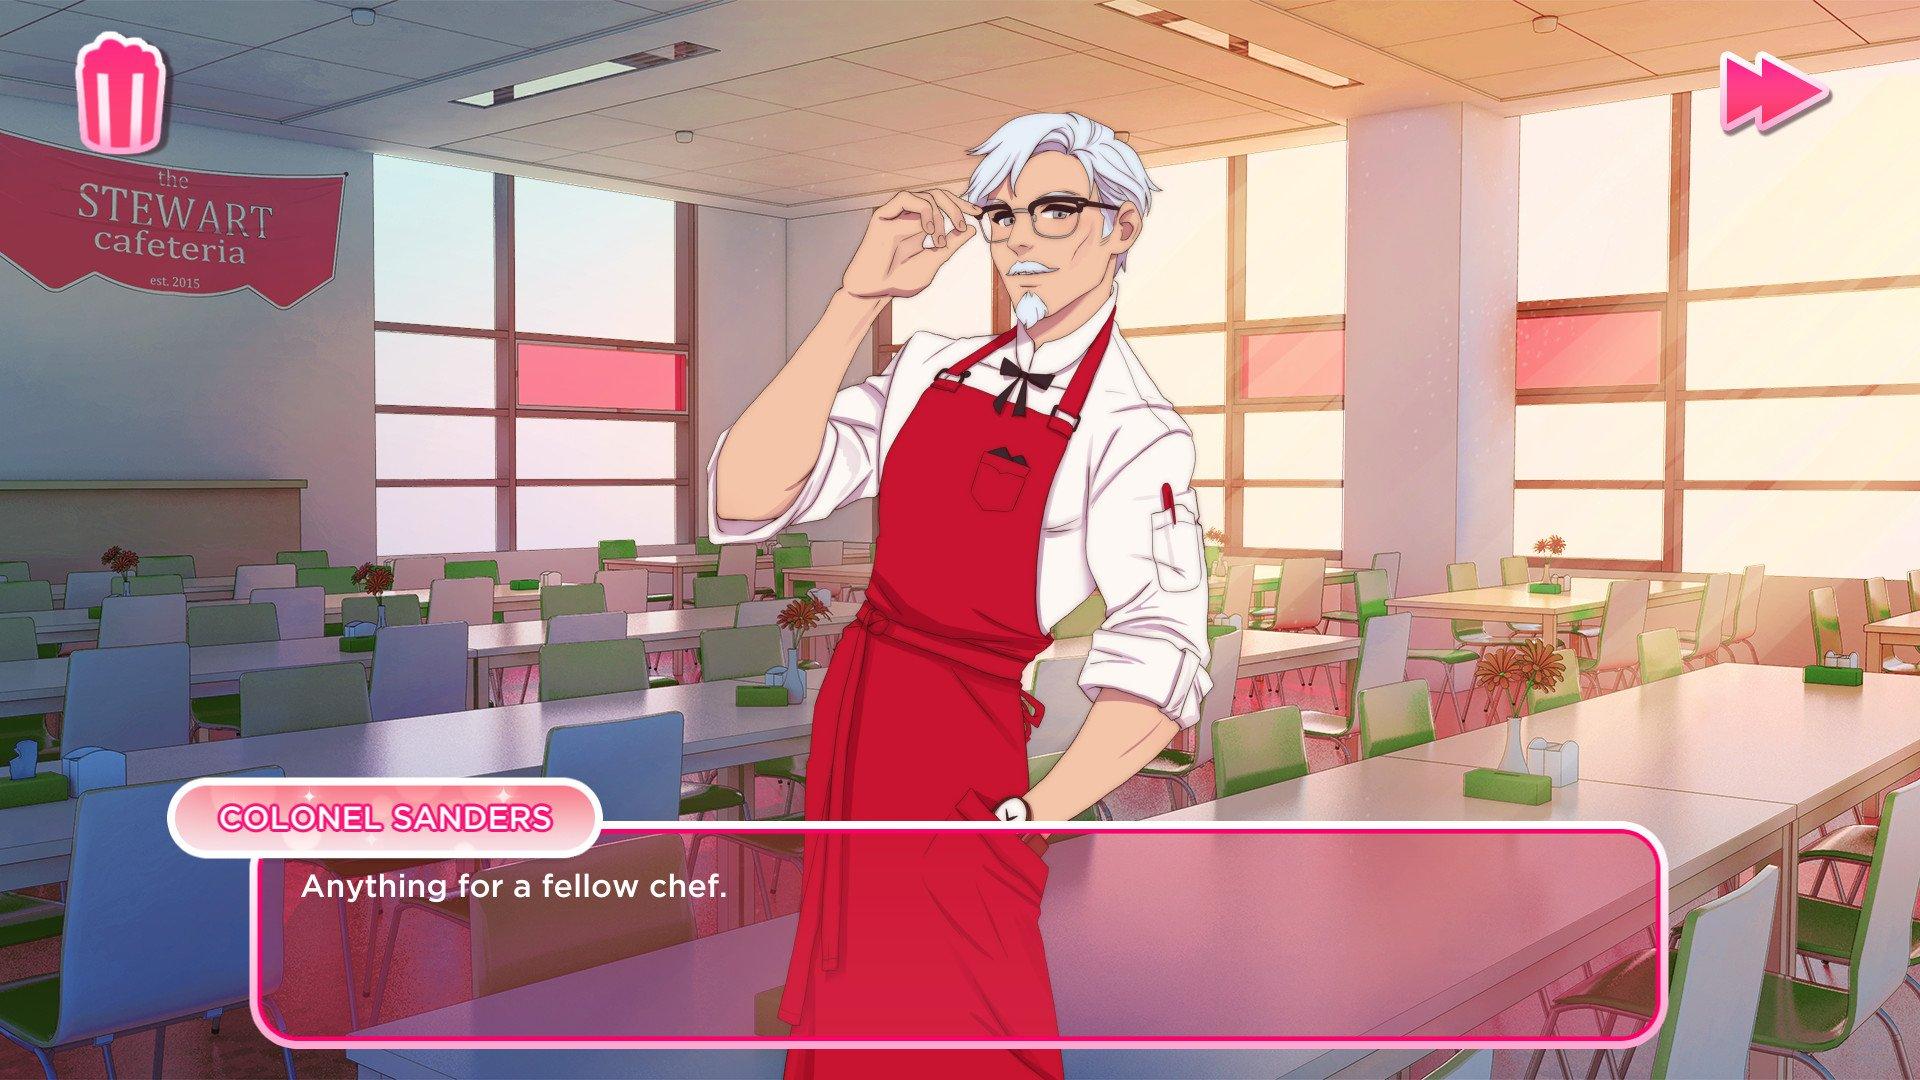 Il y a une simulation de rencontre officielle du KFC où tu courtises le colonel Sanders